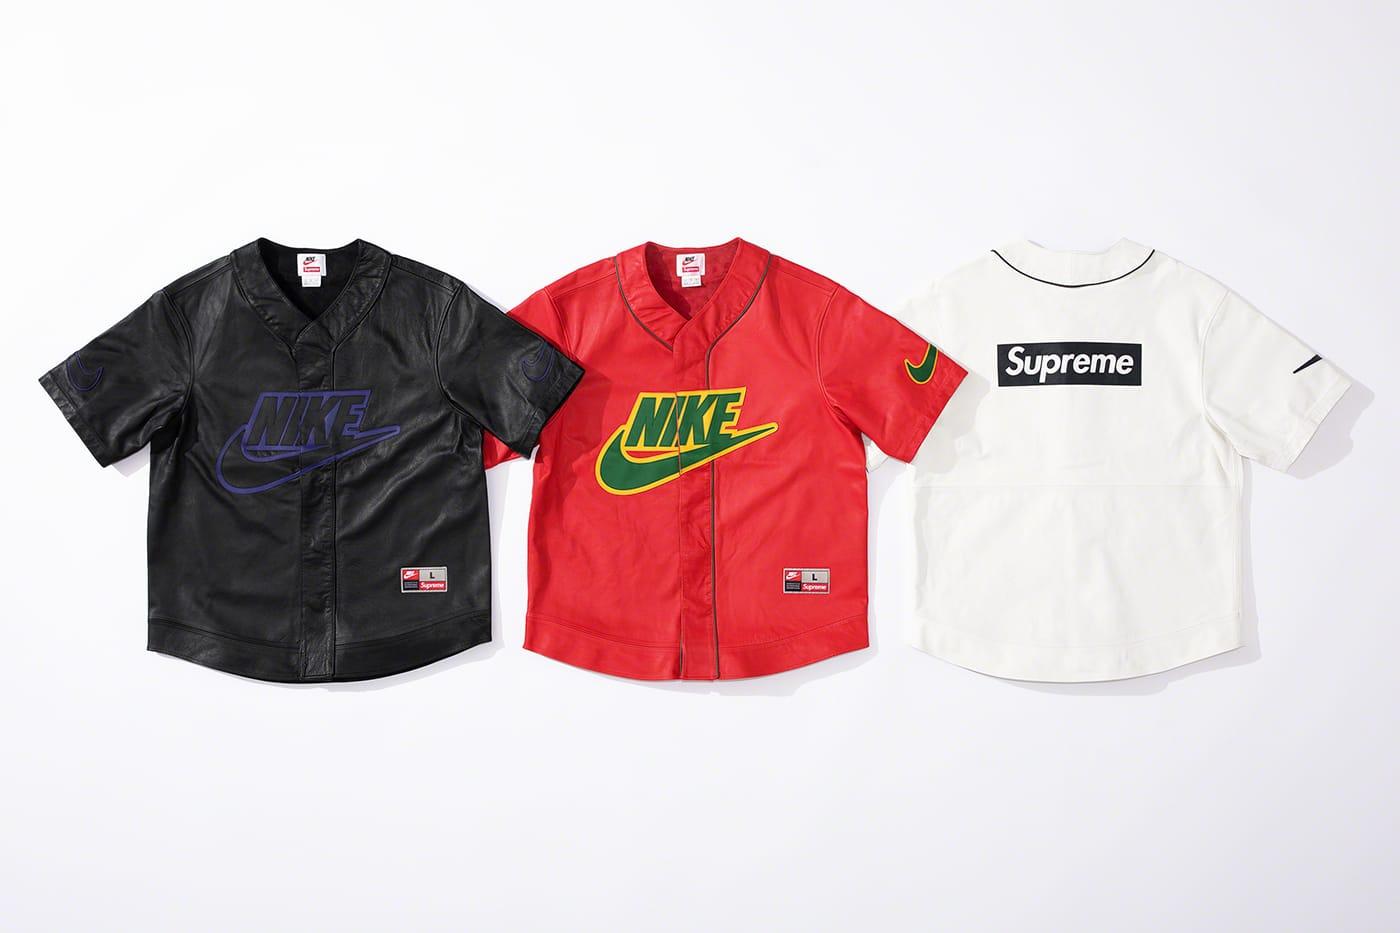 Supreme x Nike Fall 2019 Collection